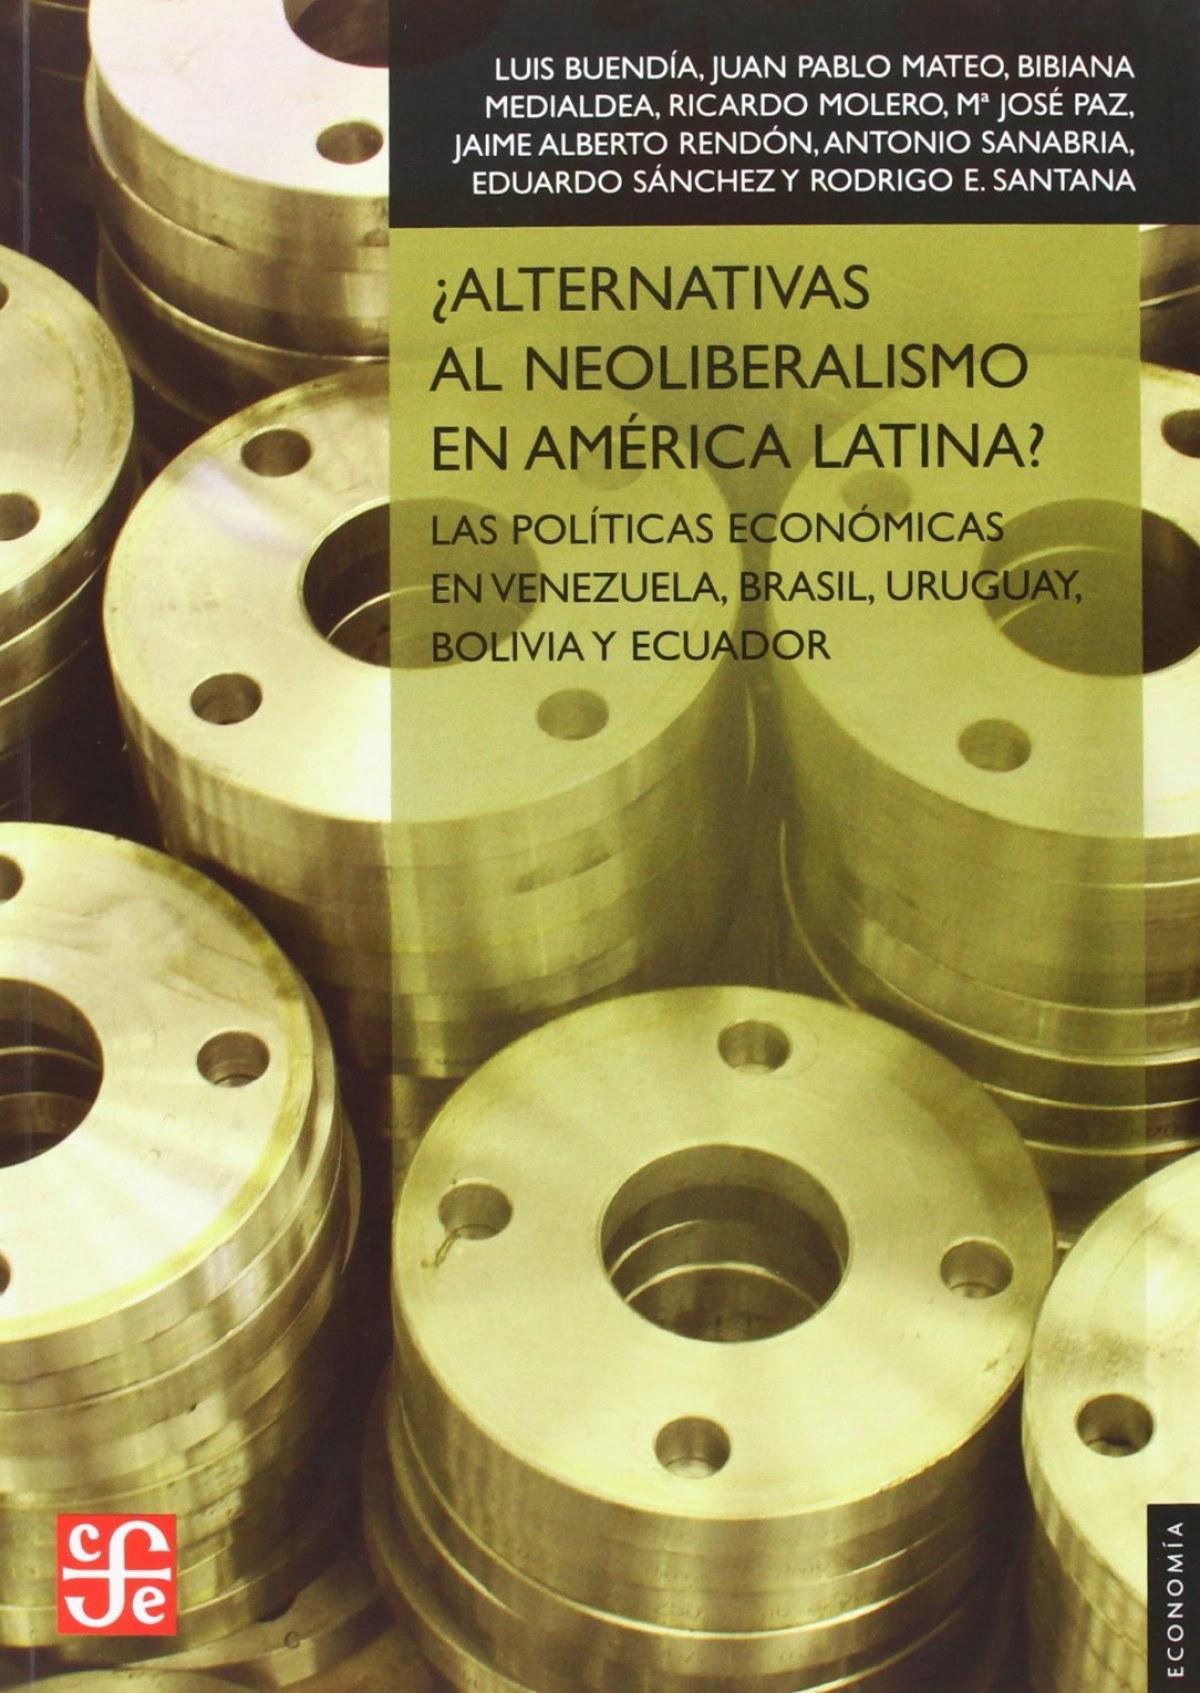 ¿Alternativas al neoliberalismo en América Latina? : Las políticas económicas en Venezuela, Brasil,